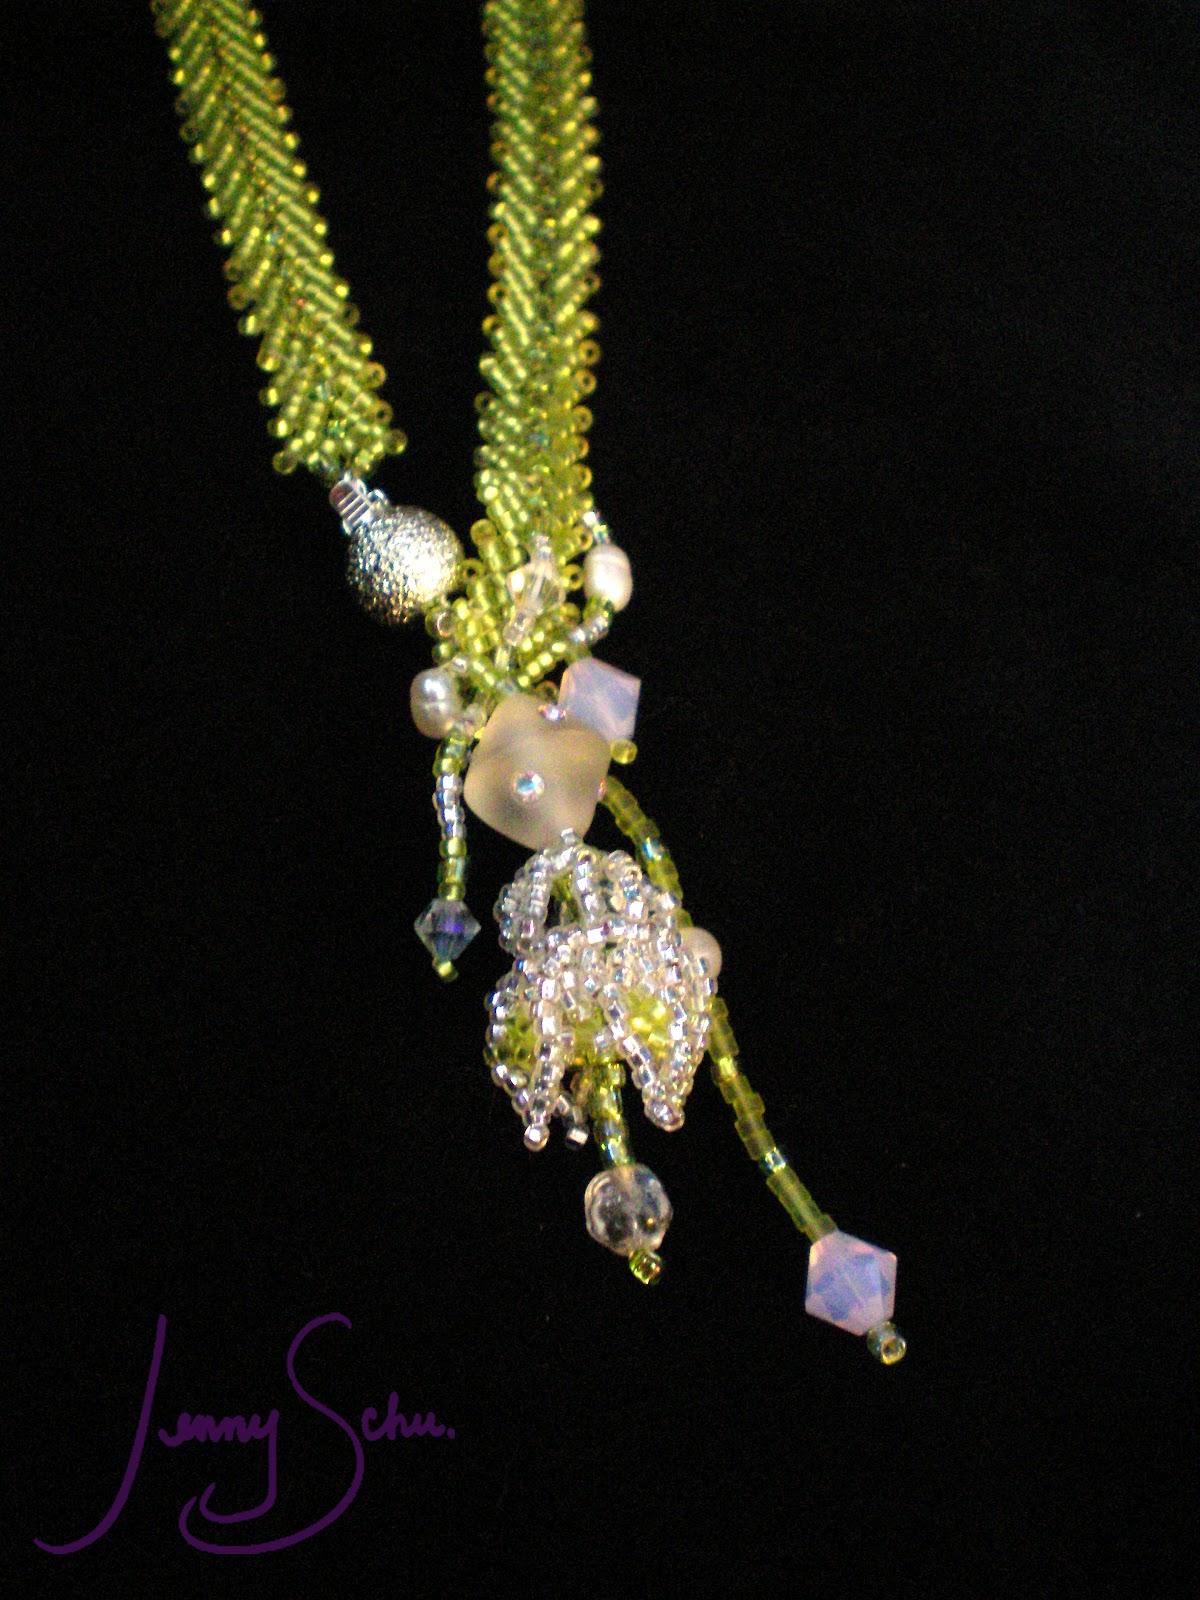 http://2.bp.blogspot.com/-oUjHr6_tW_k/TzFFlmebjCI/AAAAAAAAB_Q/YMkxLXS01jo/s1600/Lime%2BGreen%2BNecklace_on%2Bblack_Jenny%2BSchu.jpg